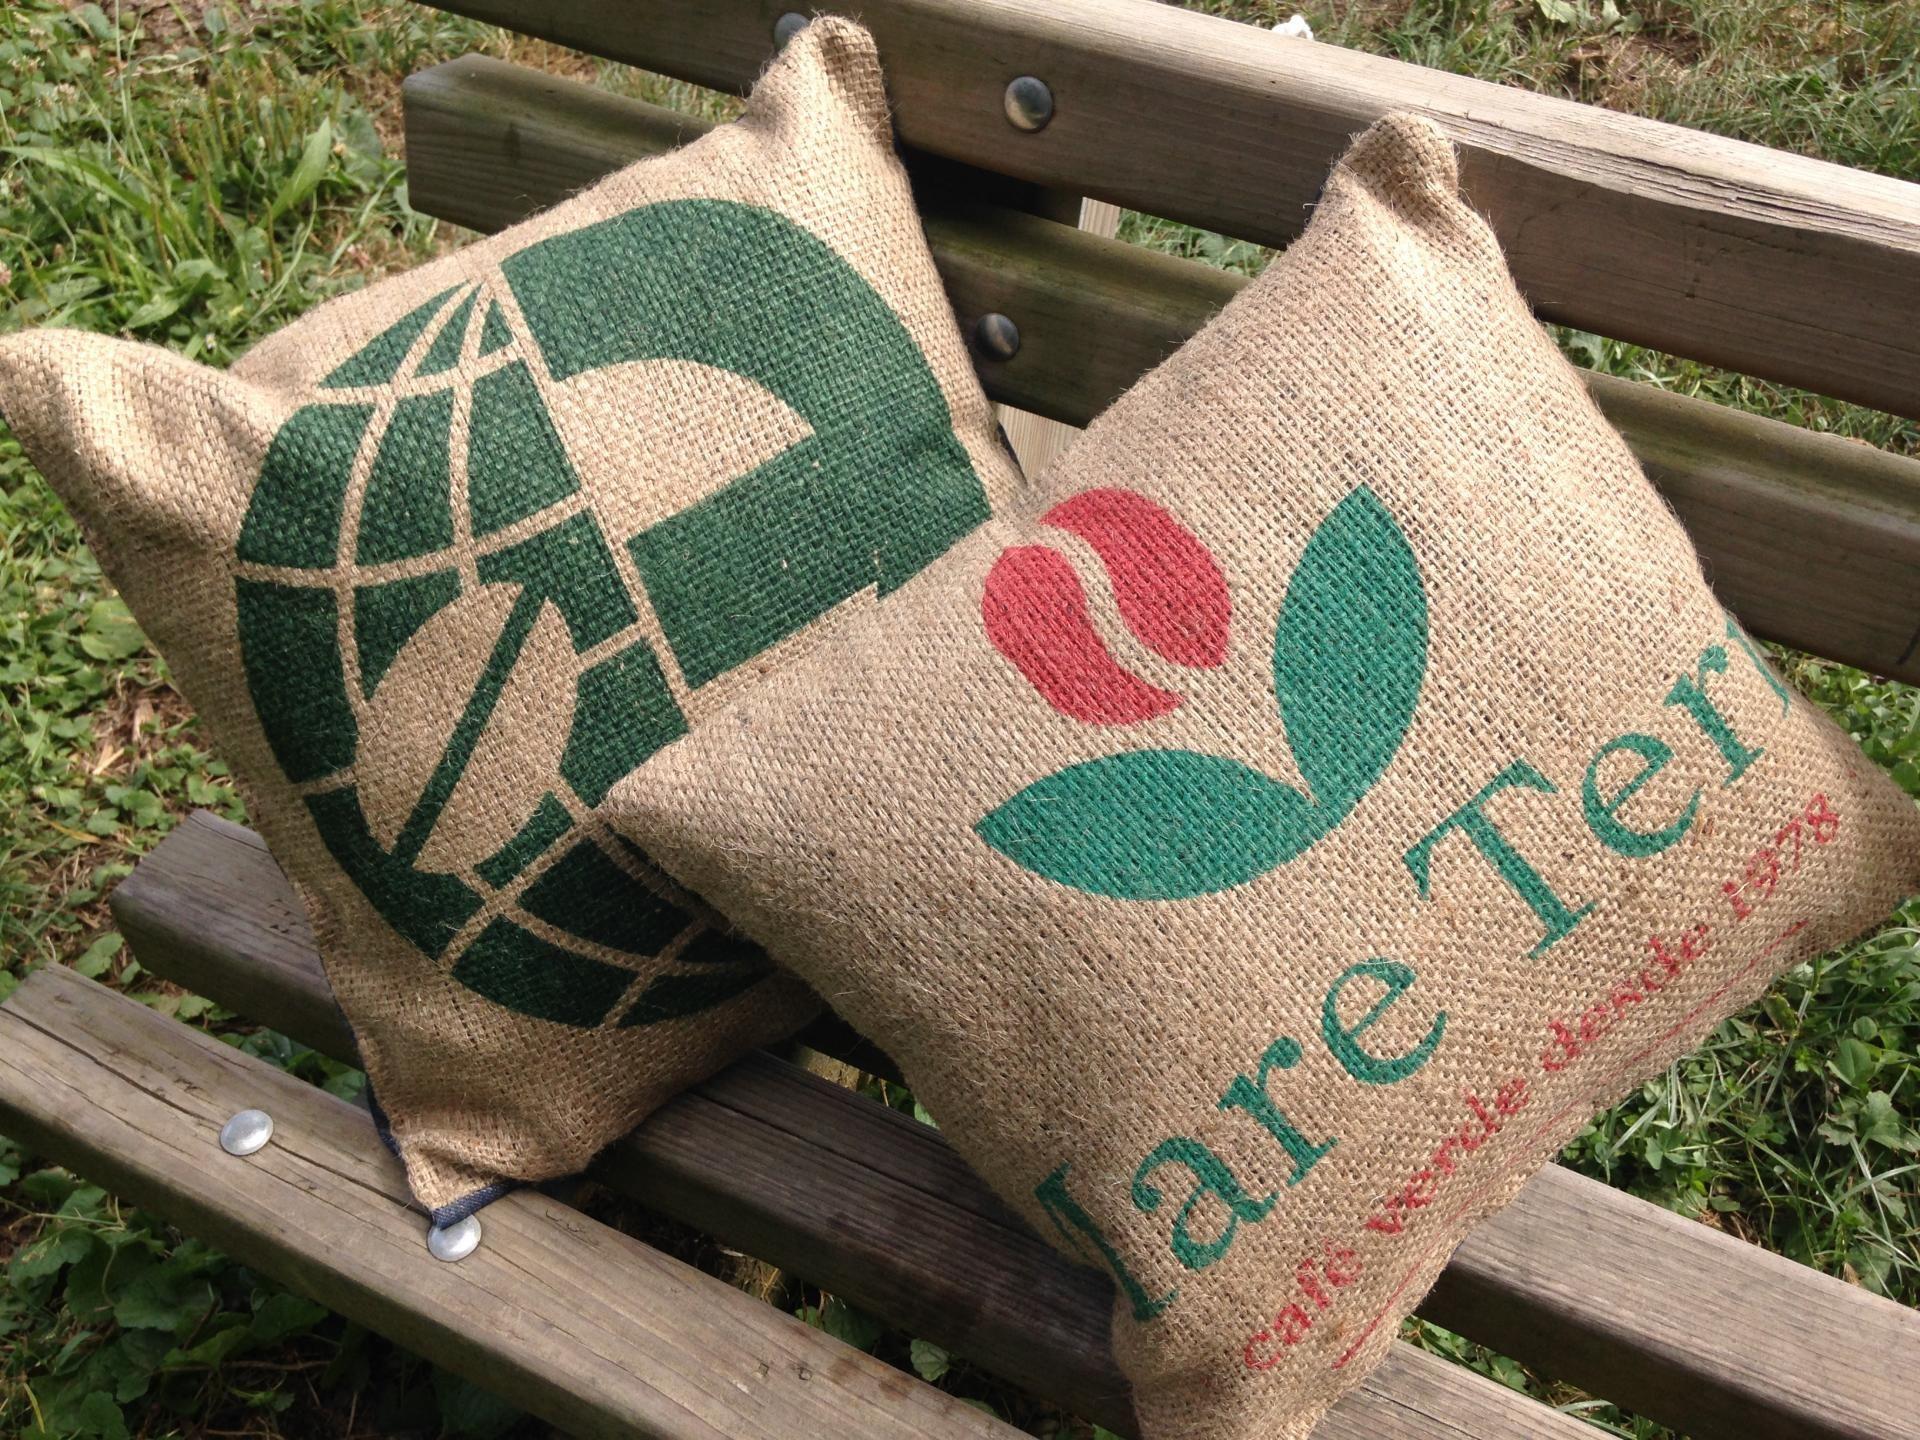 coussin r alis en toile de jute de sac de caf vert recycl et en toile de jeans de belle. Black Bedroom Furniture Sets. Home Design Ideas